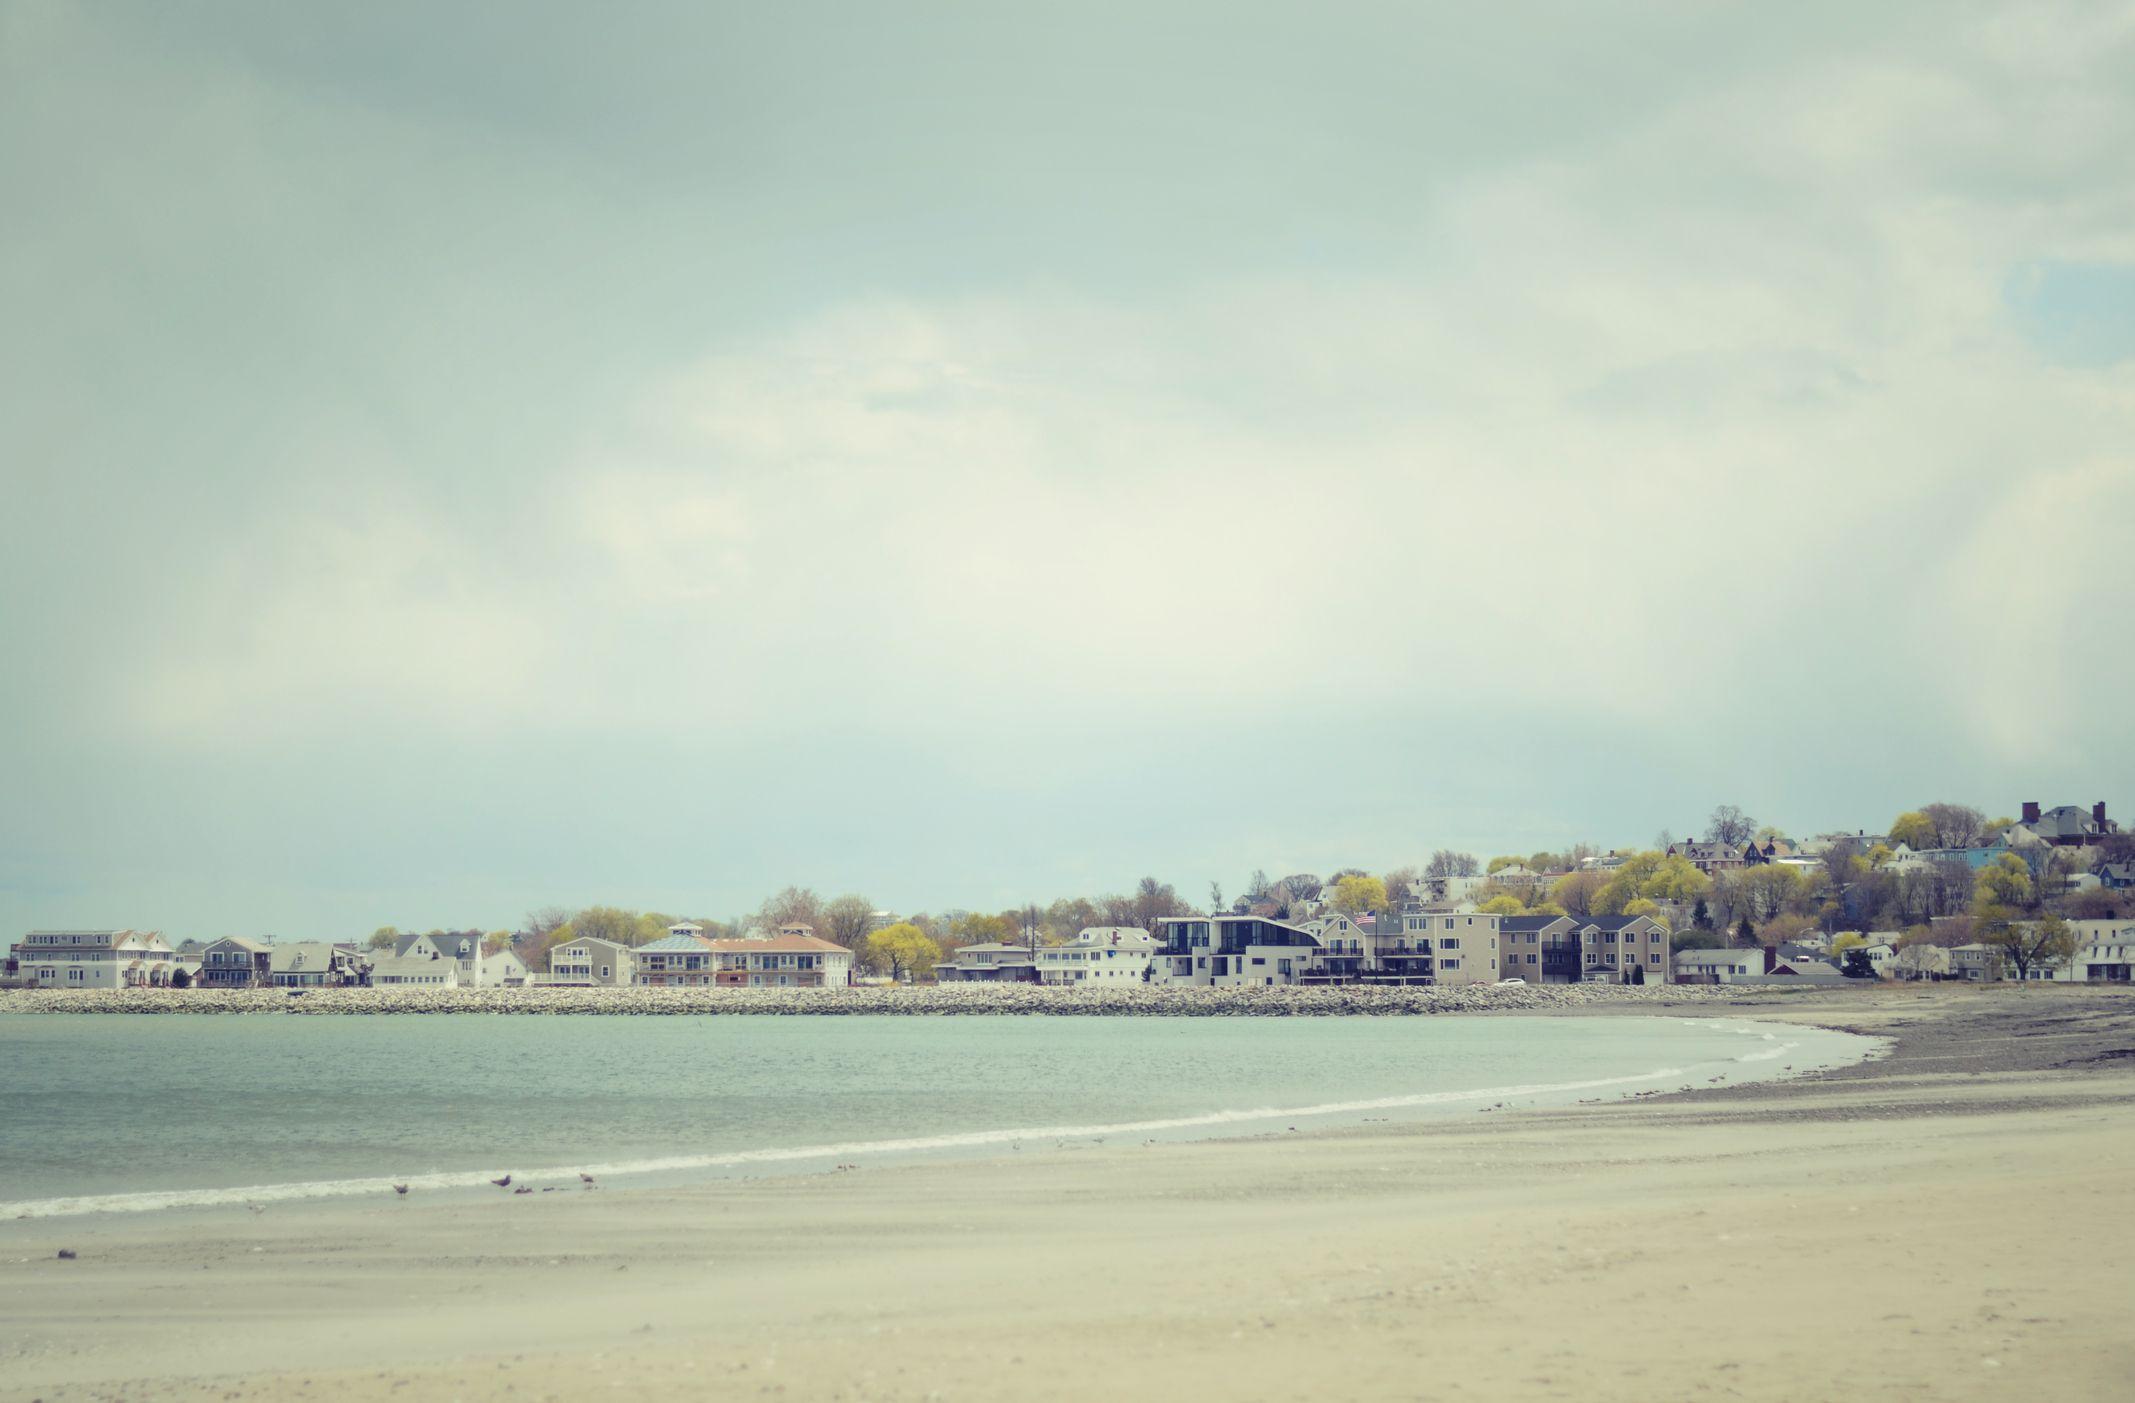 Boston S Revere Beach The Complete Guide